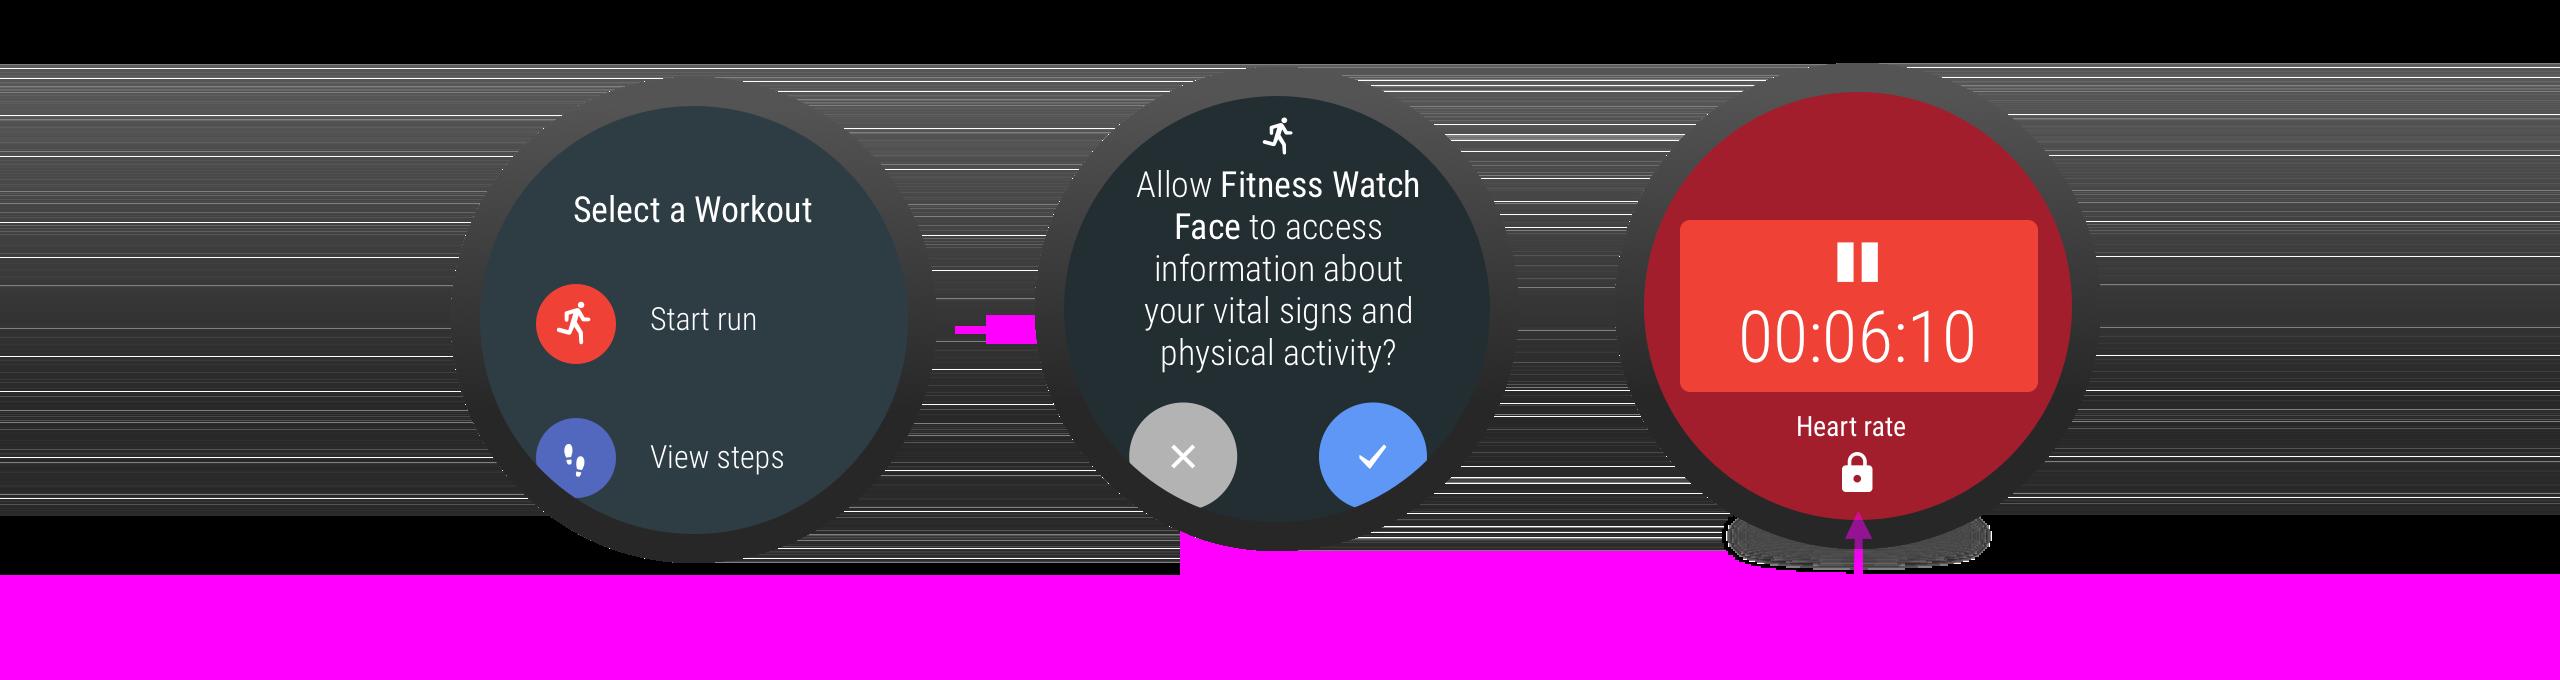 当用户拒绝授予权限时,在关联的功能旁边会显示锁定图标。